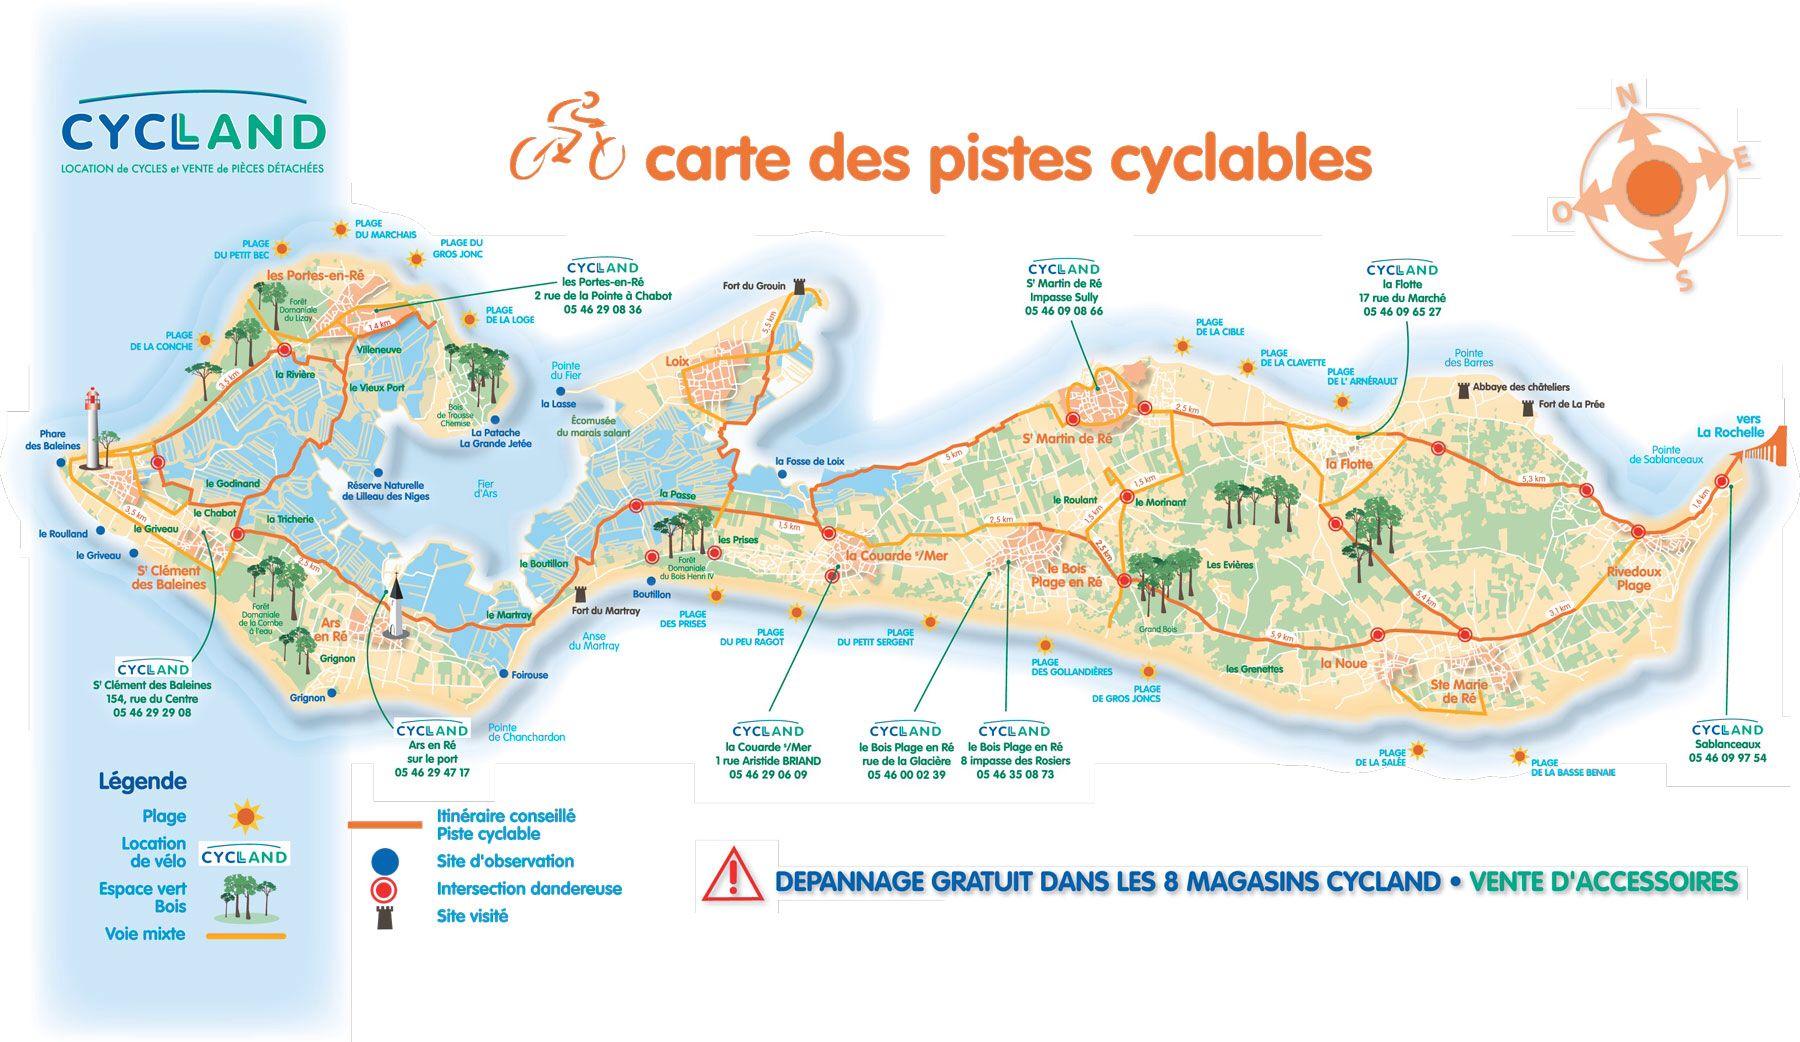 carte ile de ré piste cyclable Immagine di http://lesprises.com/wp content/uploads/2014/09/Plan